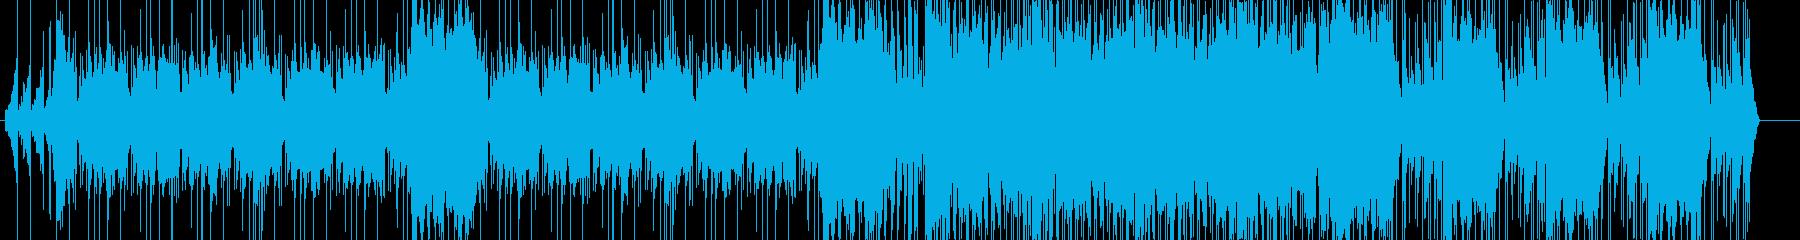 ◎超絶かっこいいオーケストラ機械グルーヴの再生済みの波形